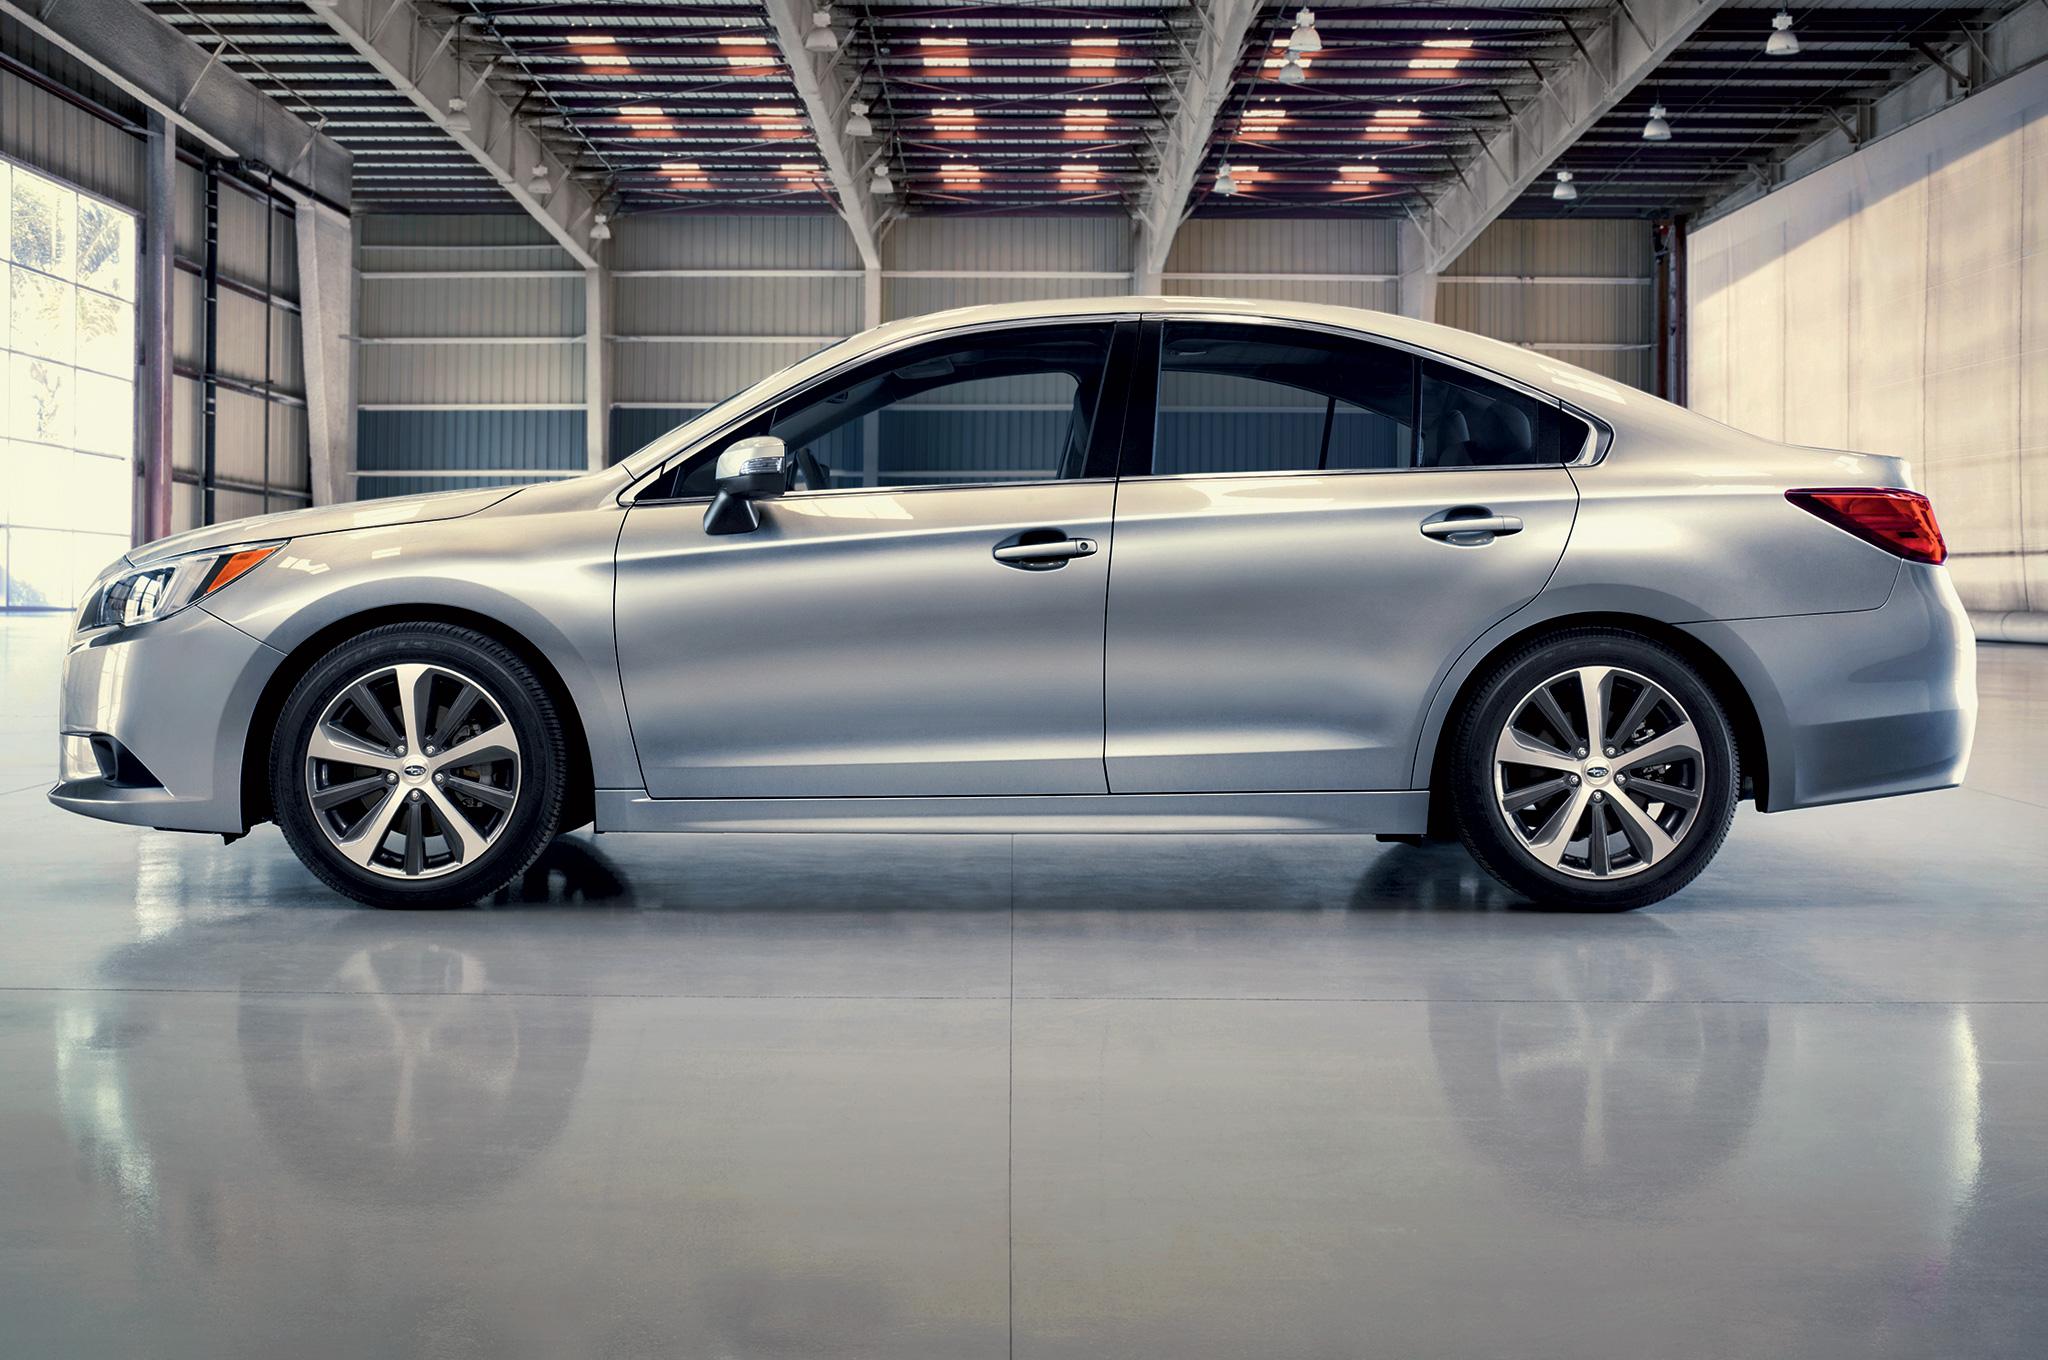 Subaru Impreza 2015 sở hữu ngoại hình không có gì nổi bật